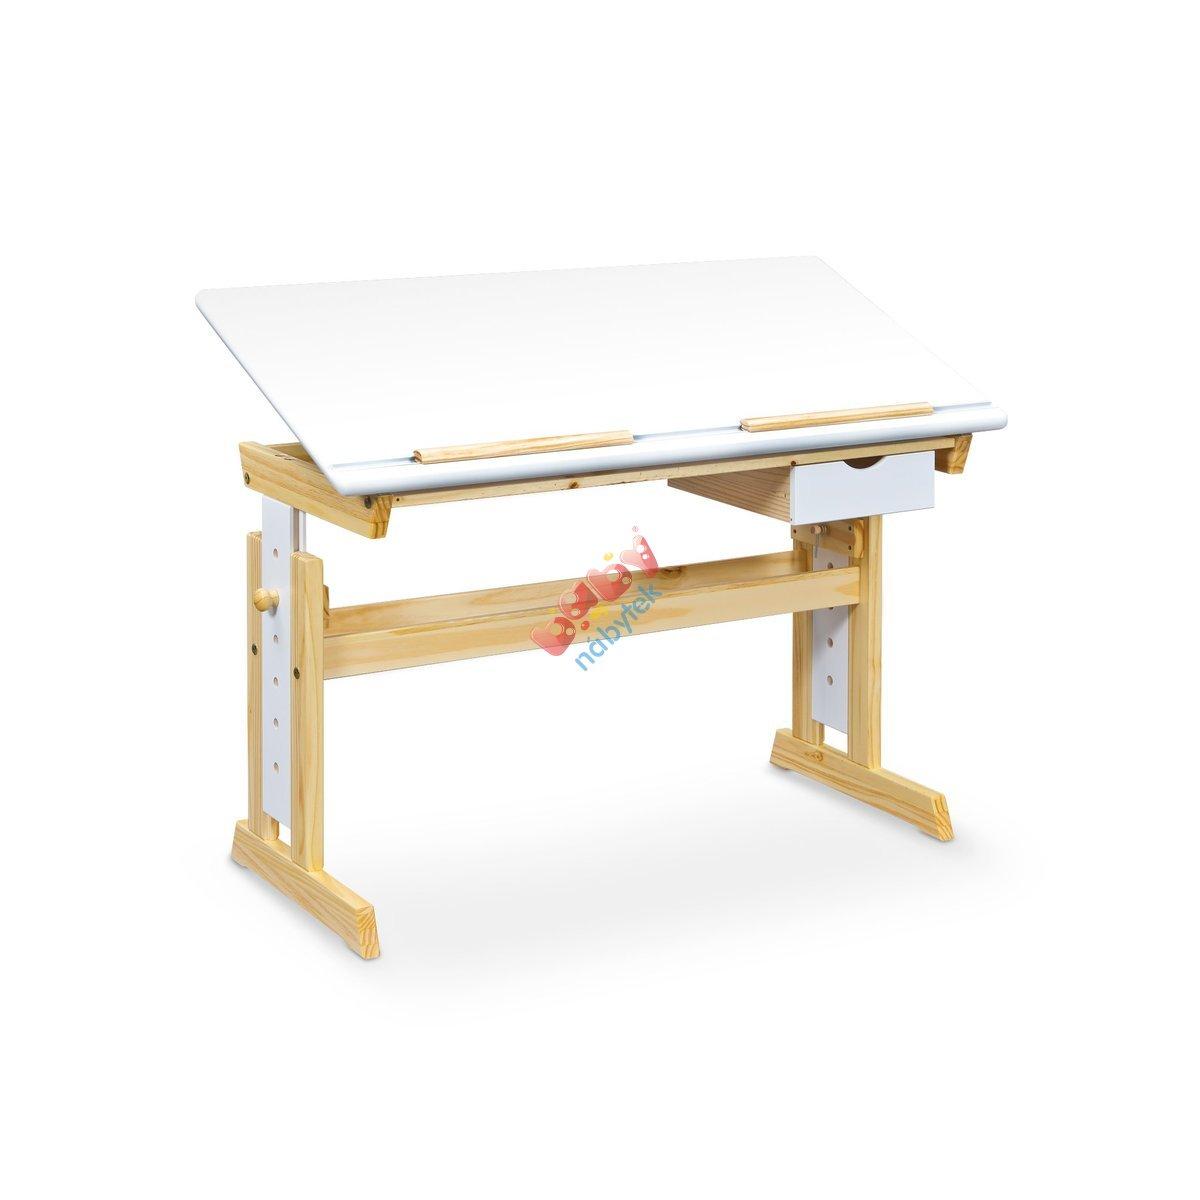 181248afc9993 Detský písací stôl Anas - Písacie stoly - babynabytek.sk